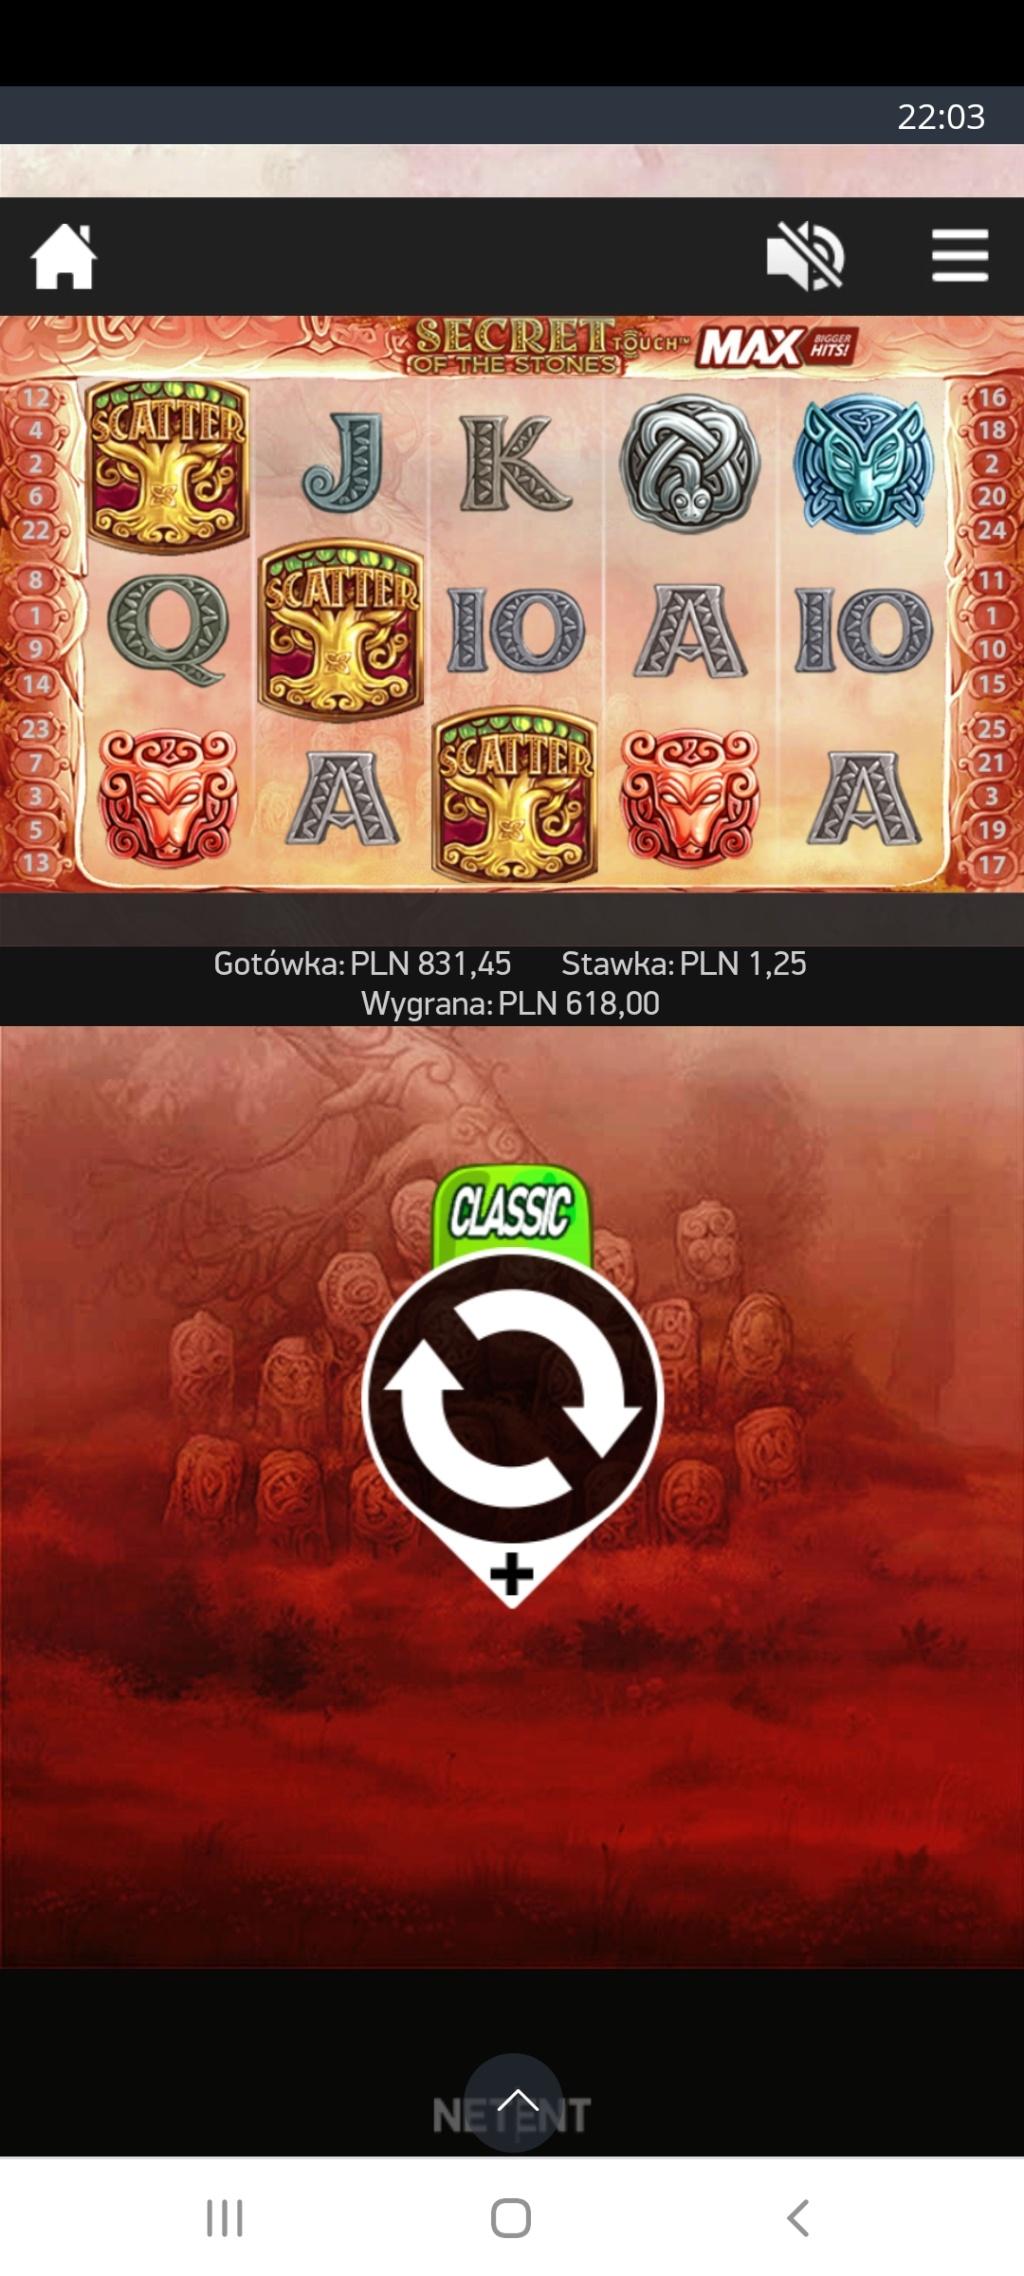 Screenshoty naszych wygranych (minimum 200zł - 50 euro) - kasyno - Page 19 Screen63